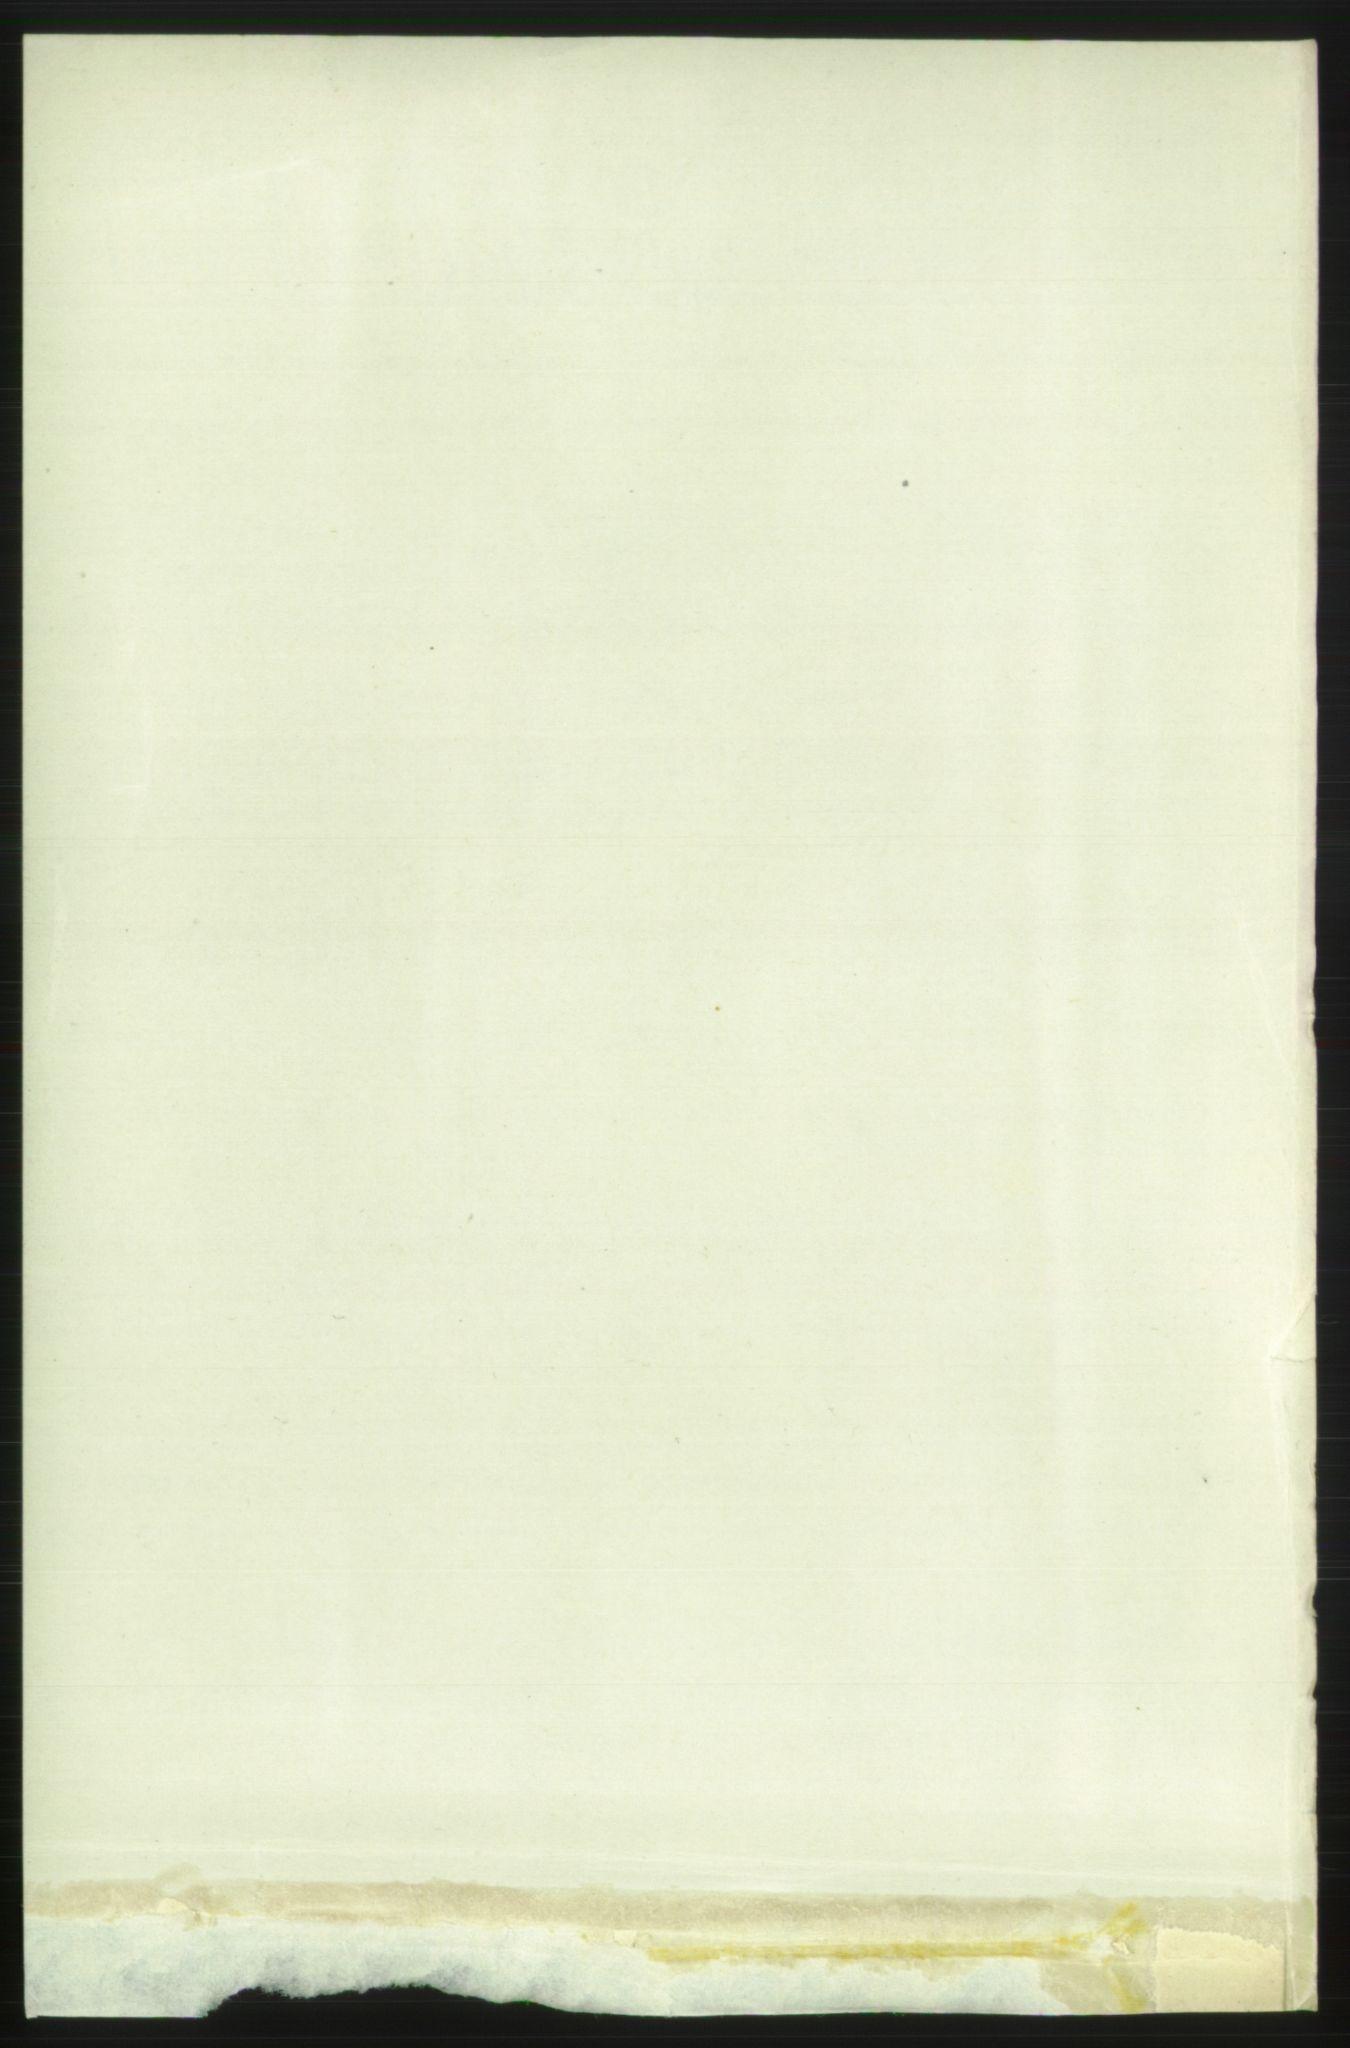 RA, Folketelling 1891 for 0102 Sarpsborg kjøpstad, 1891, s. 1068